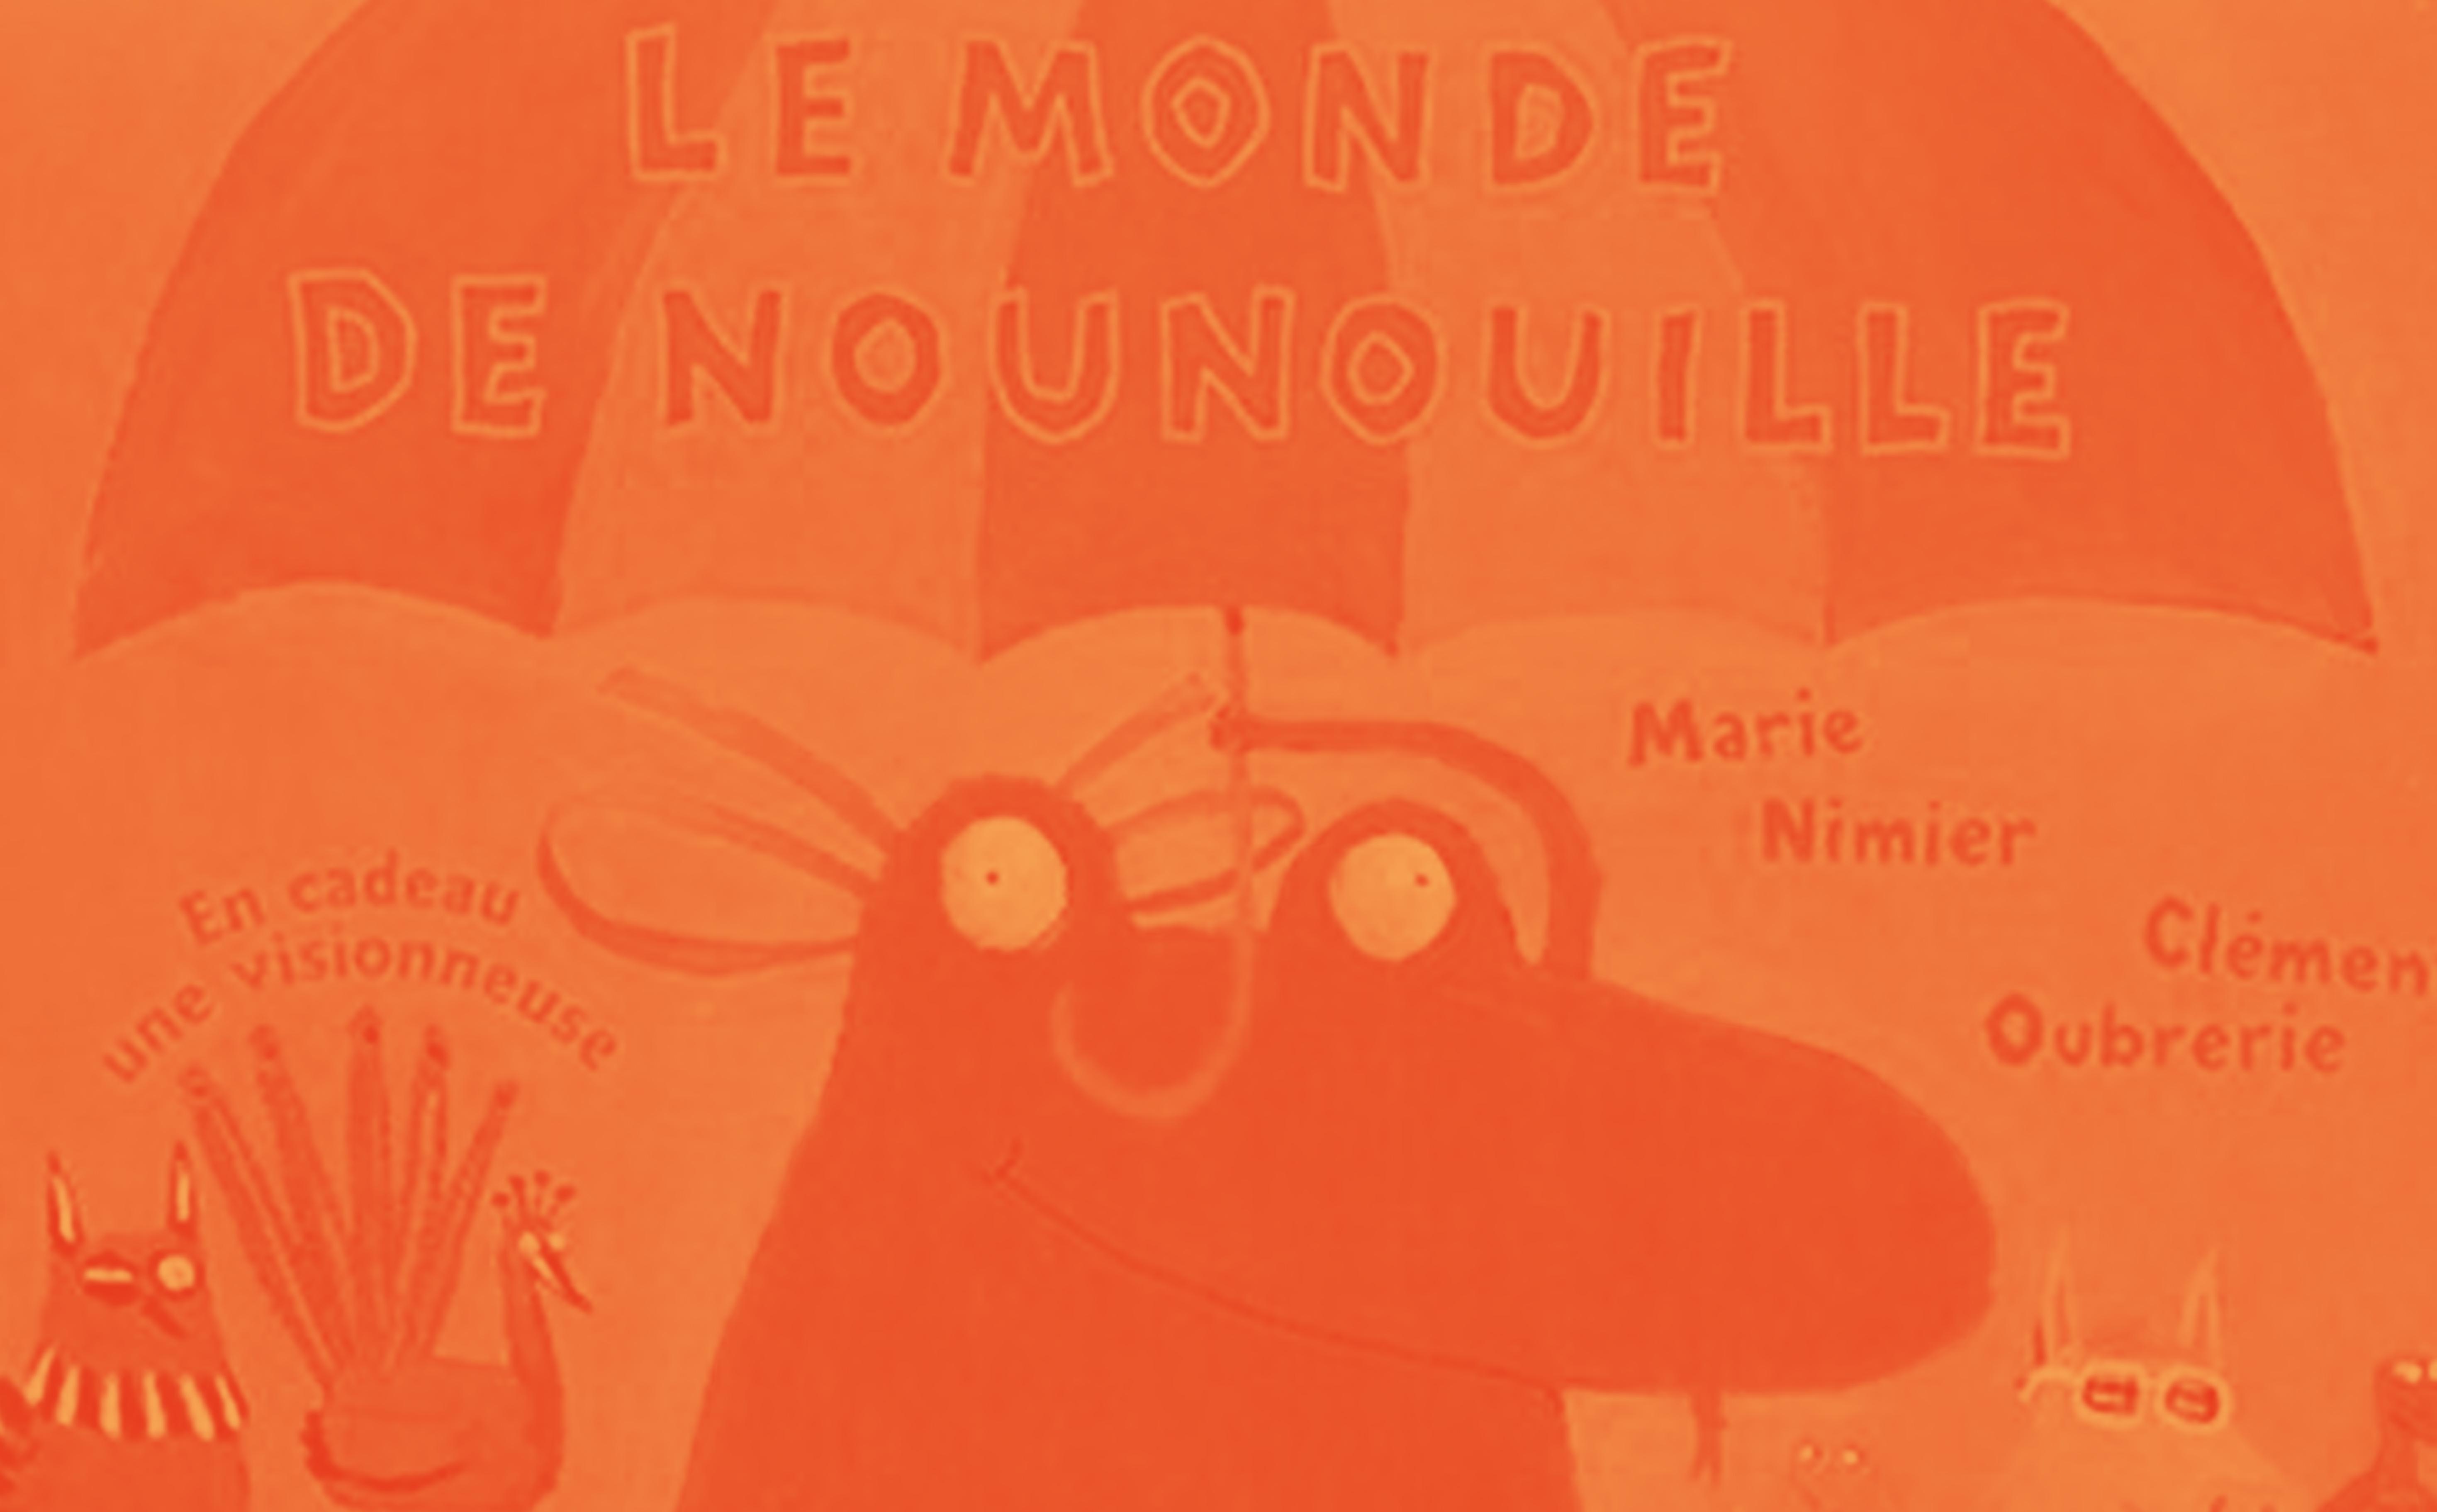 Le Monde </br> de Nounouille